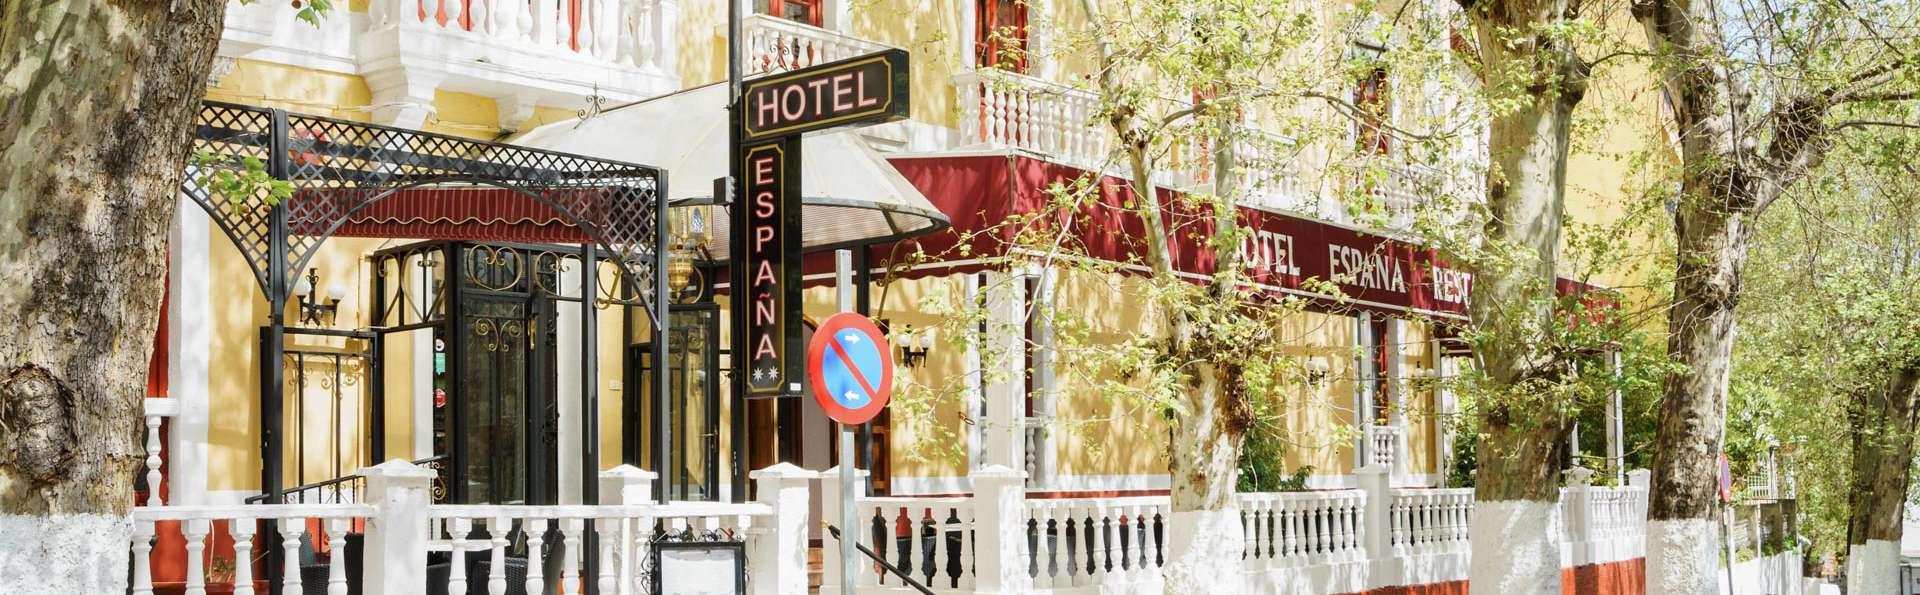 Oyo Hotel España - EDIT_FRONT_01.jpg